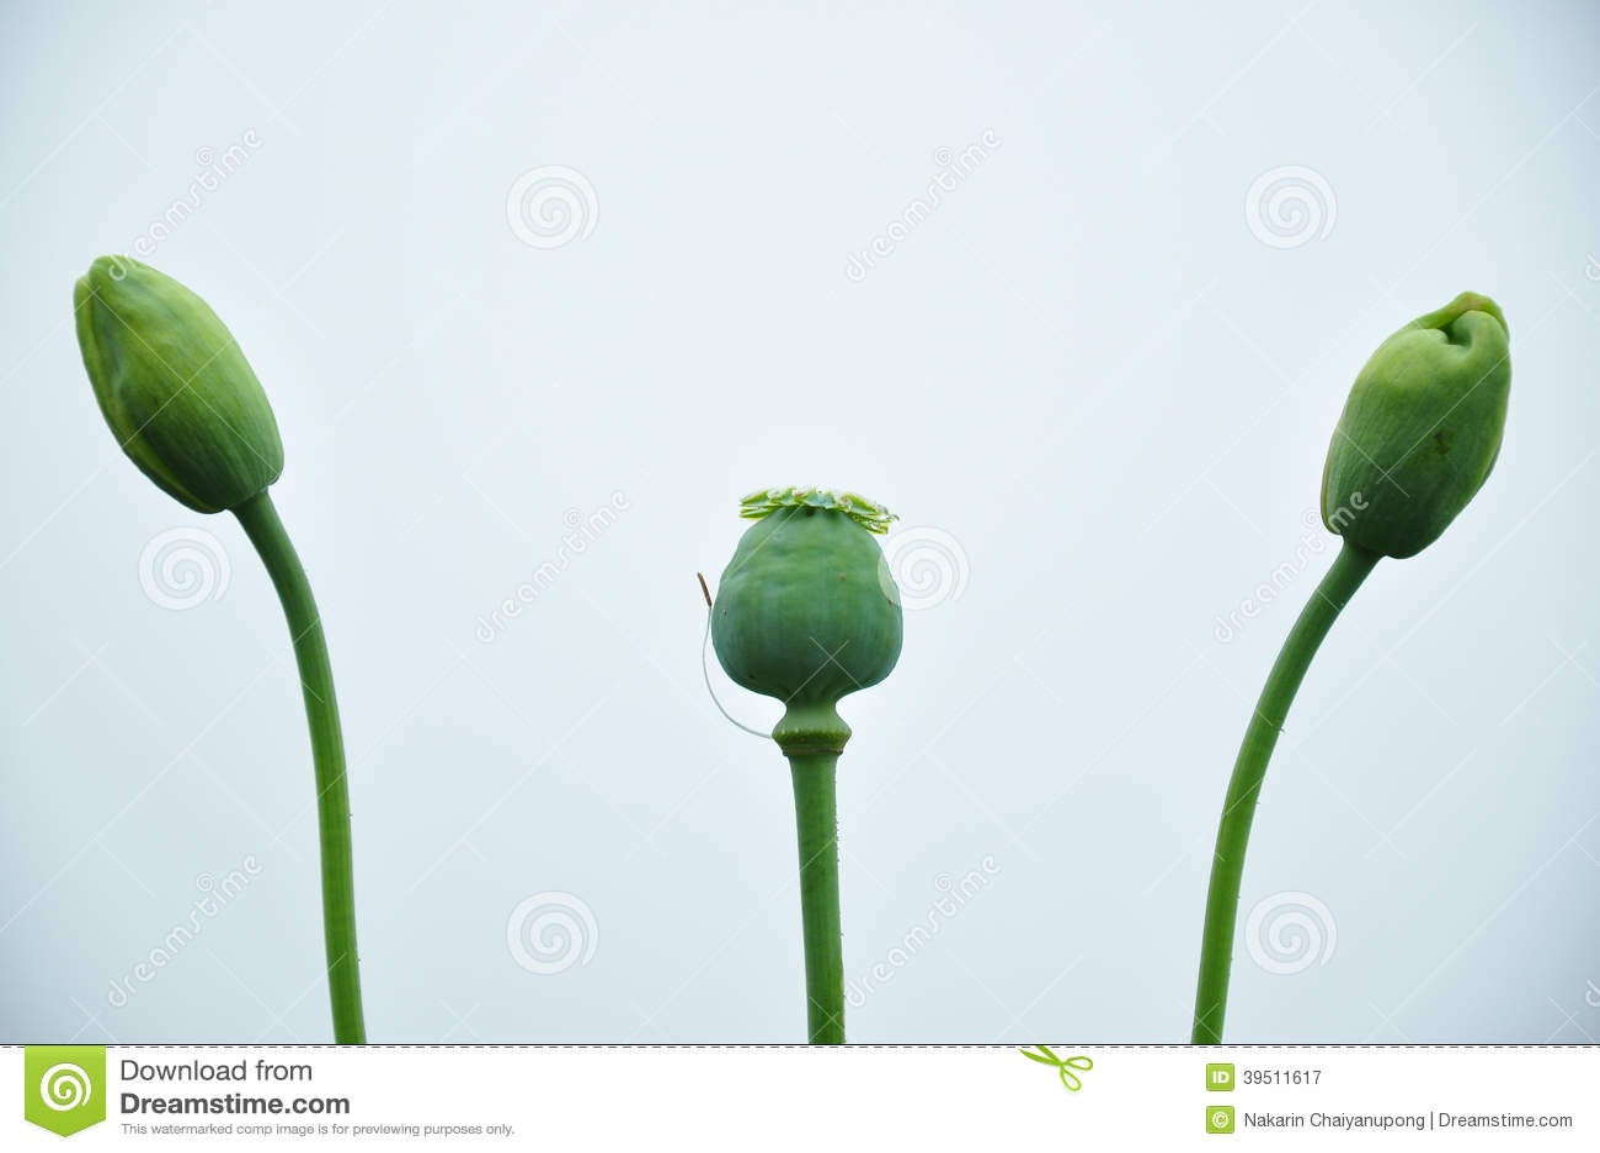 Bud of Opium